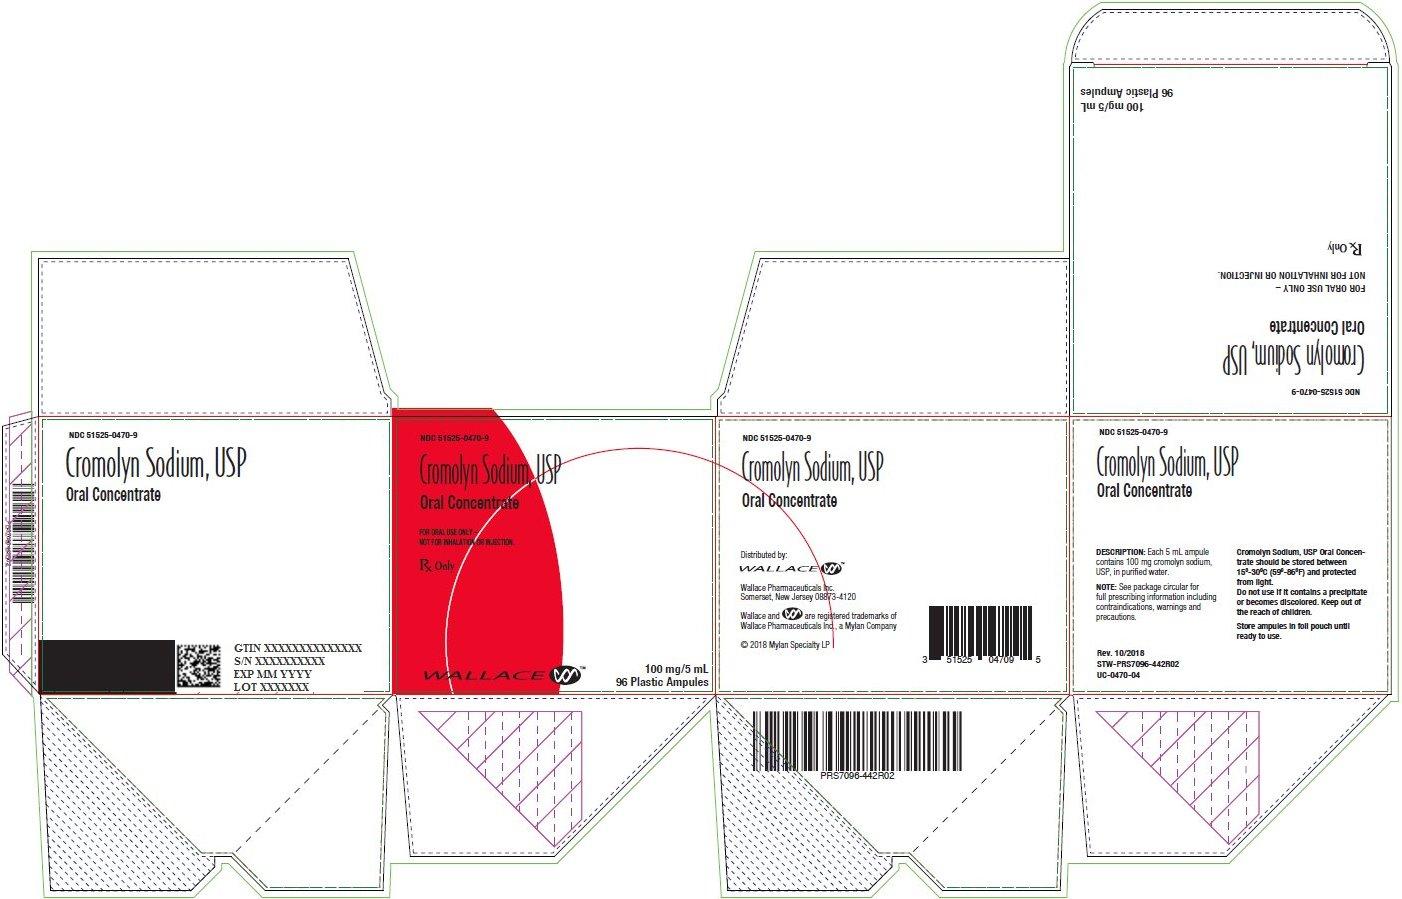 Cromolyn Sodium, USP Oral Concentrate Carton Label